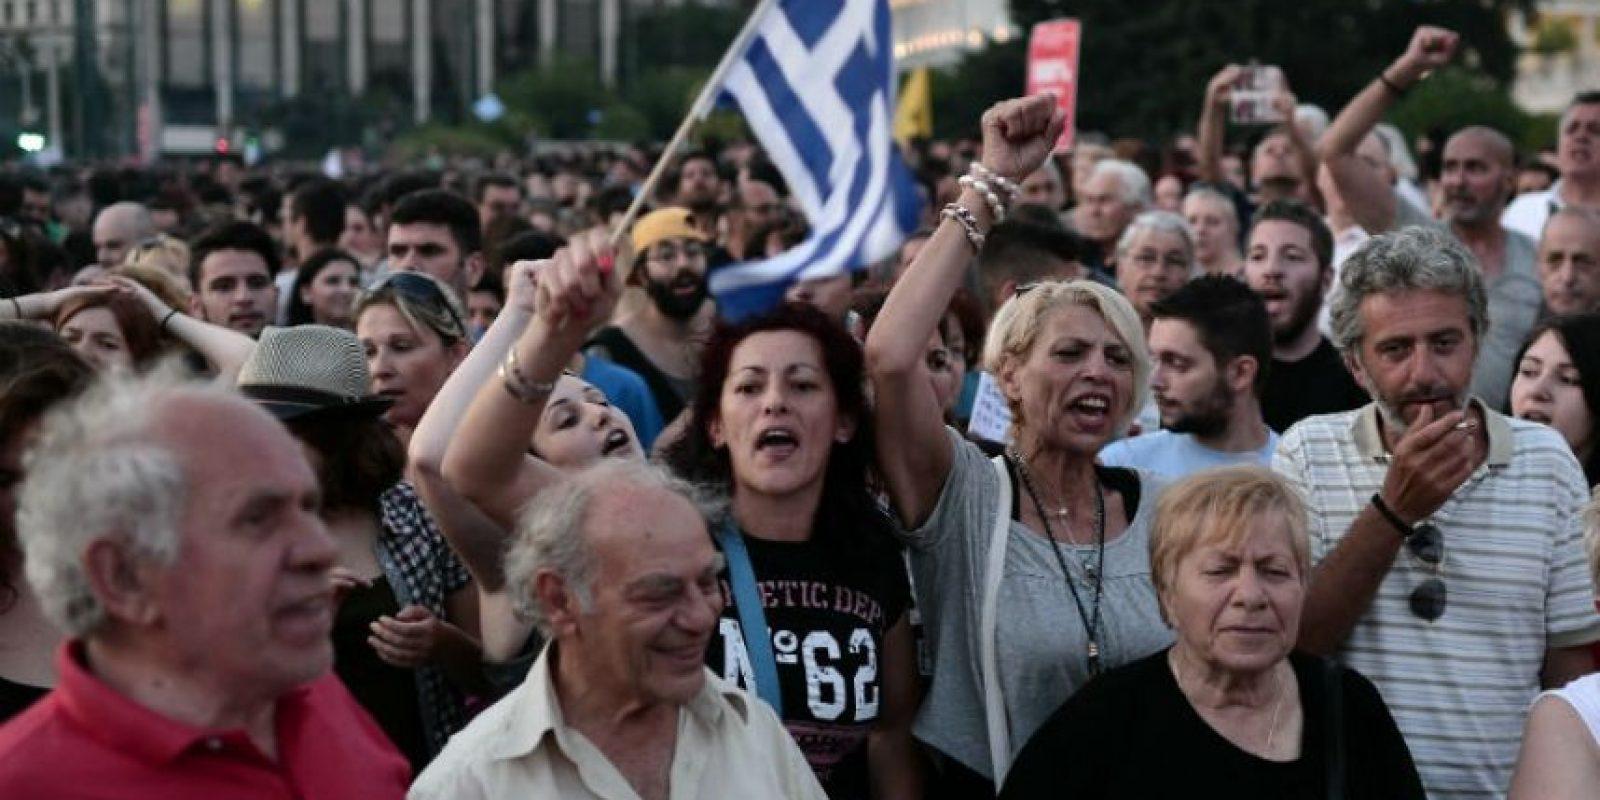 Así se viven las manifestaciones en Grecia ante el referéndum griego. Foto:AFP